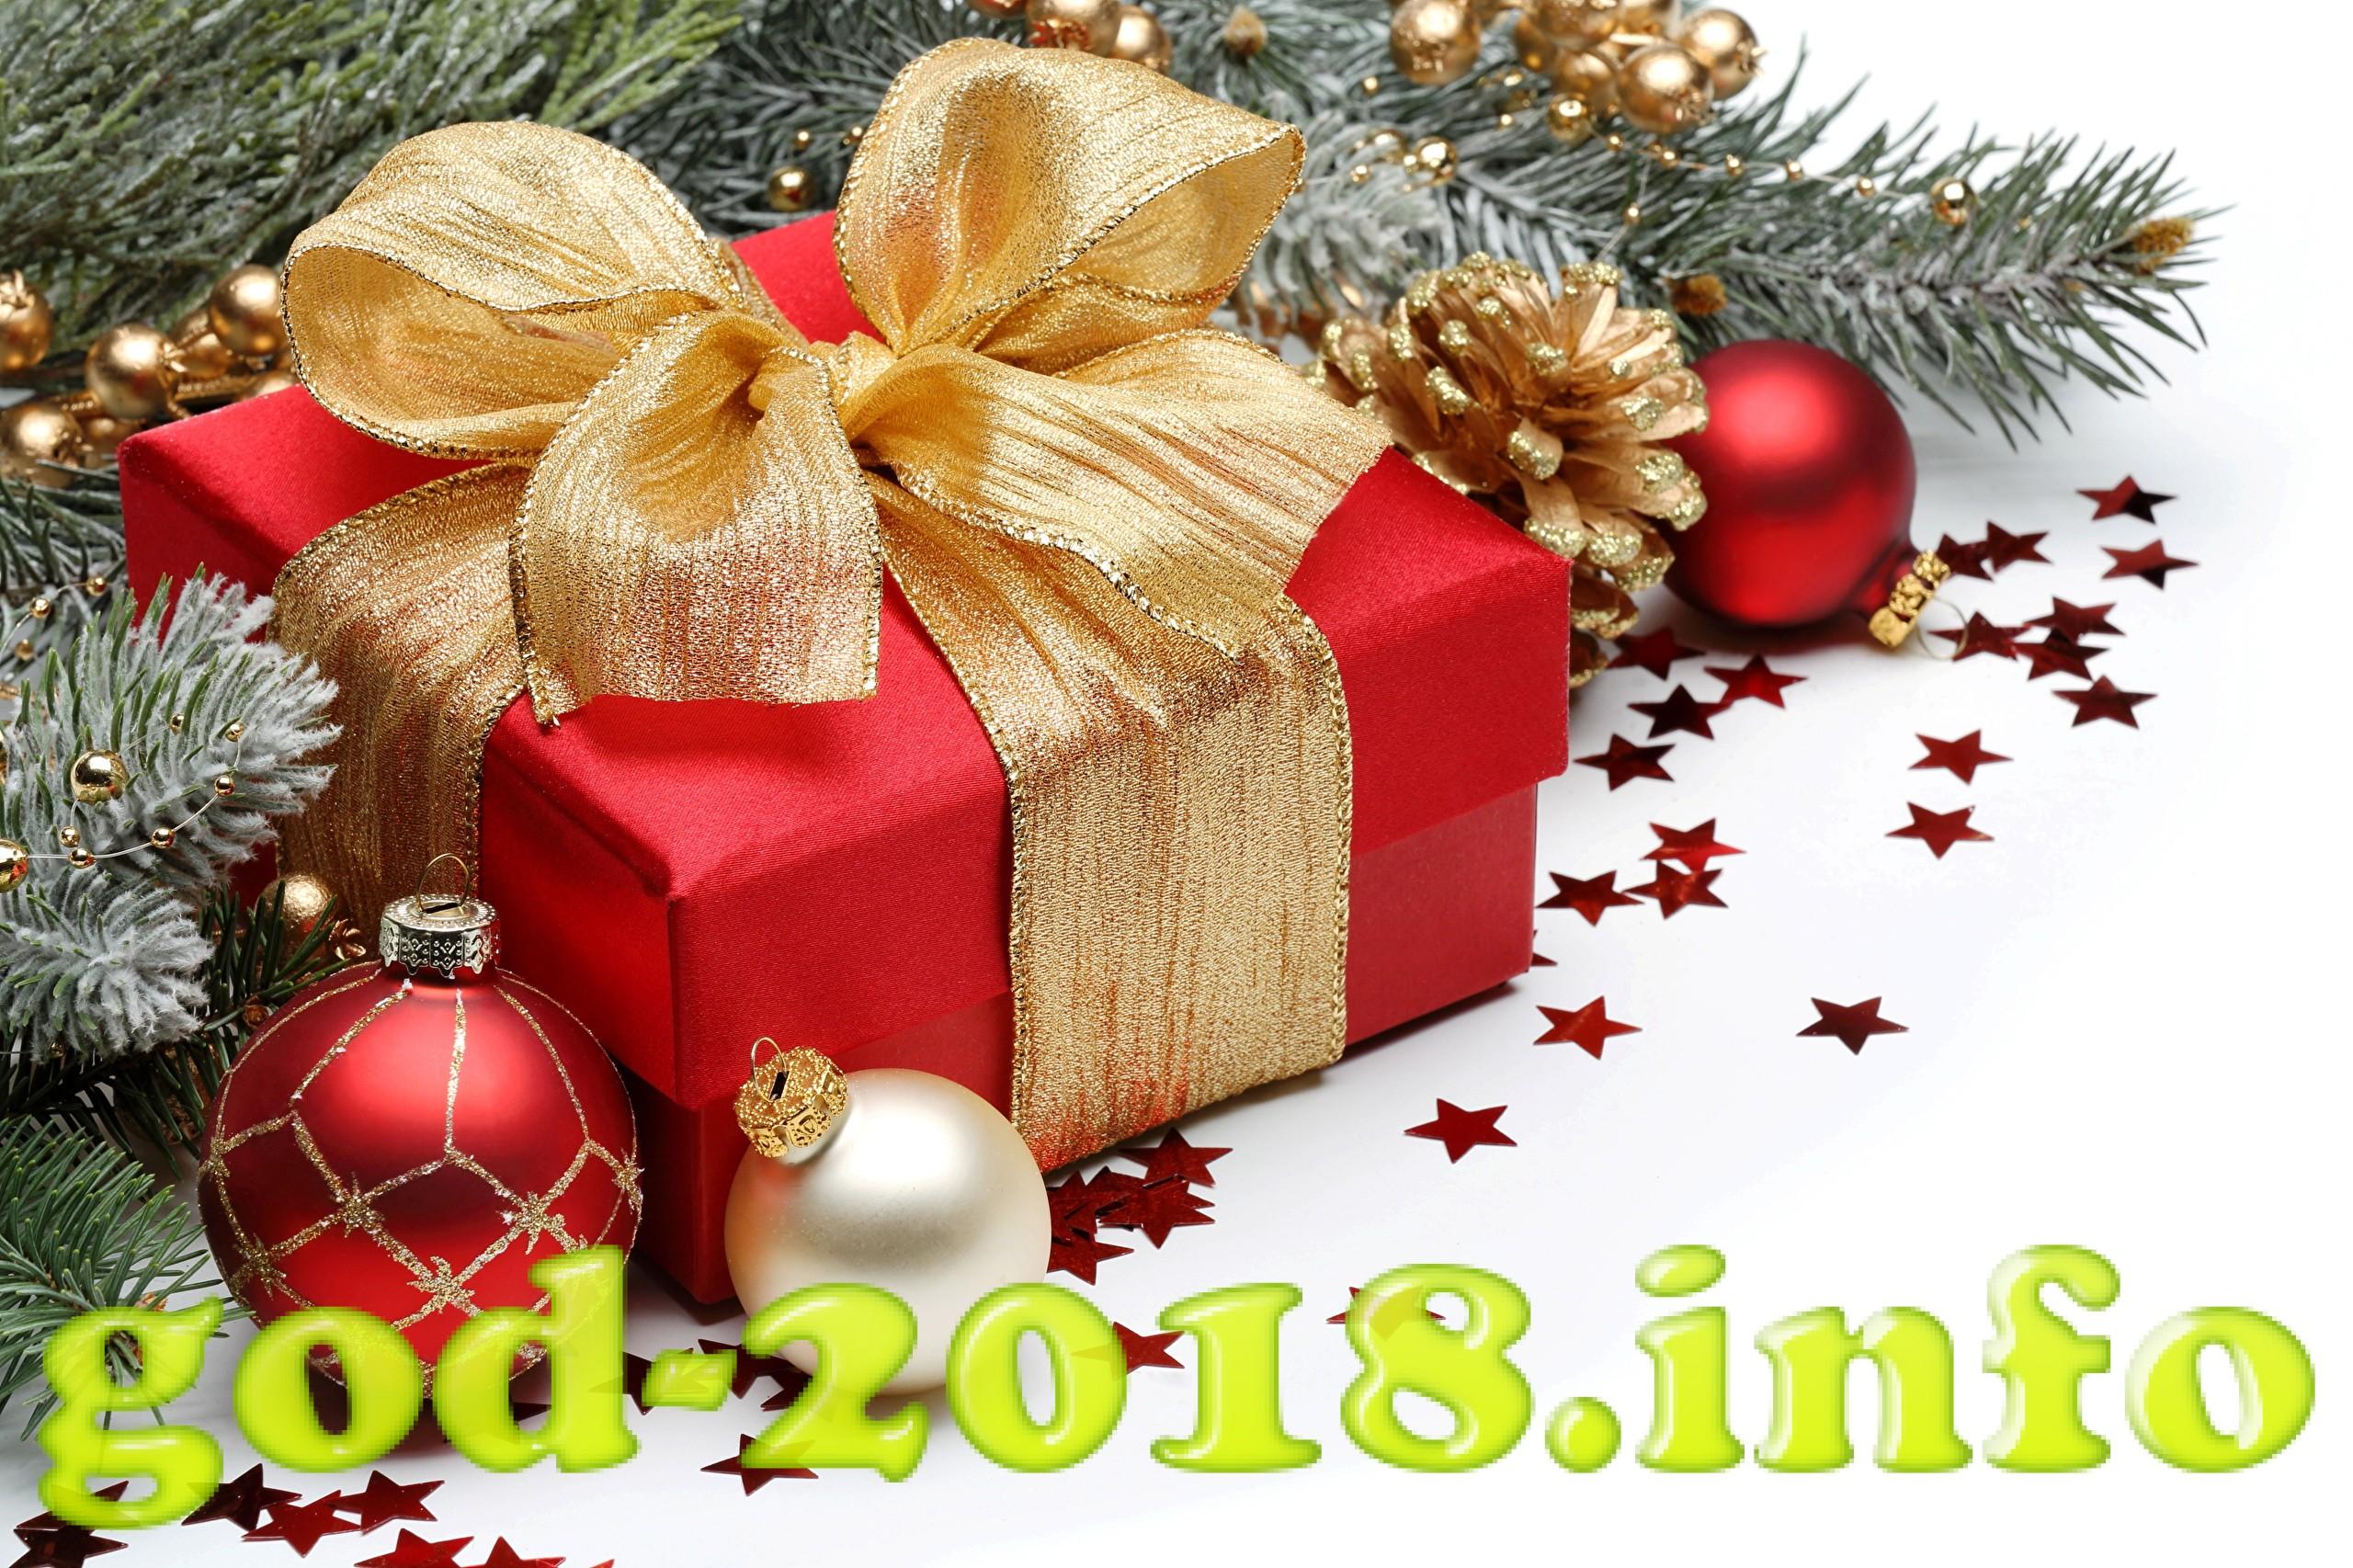 novogodnie-statusy-dlja-socsetej-na-2018-god-3